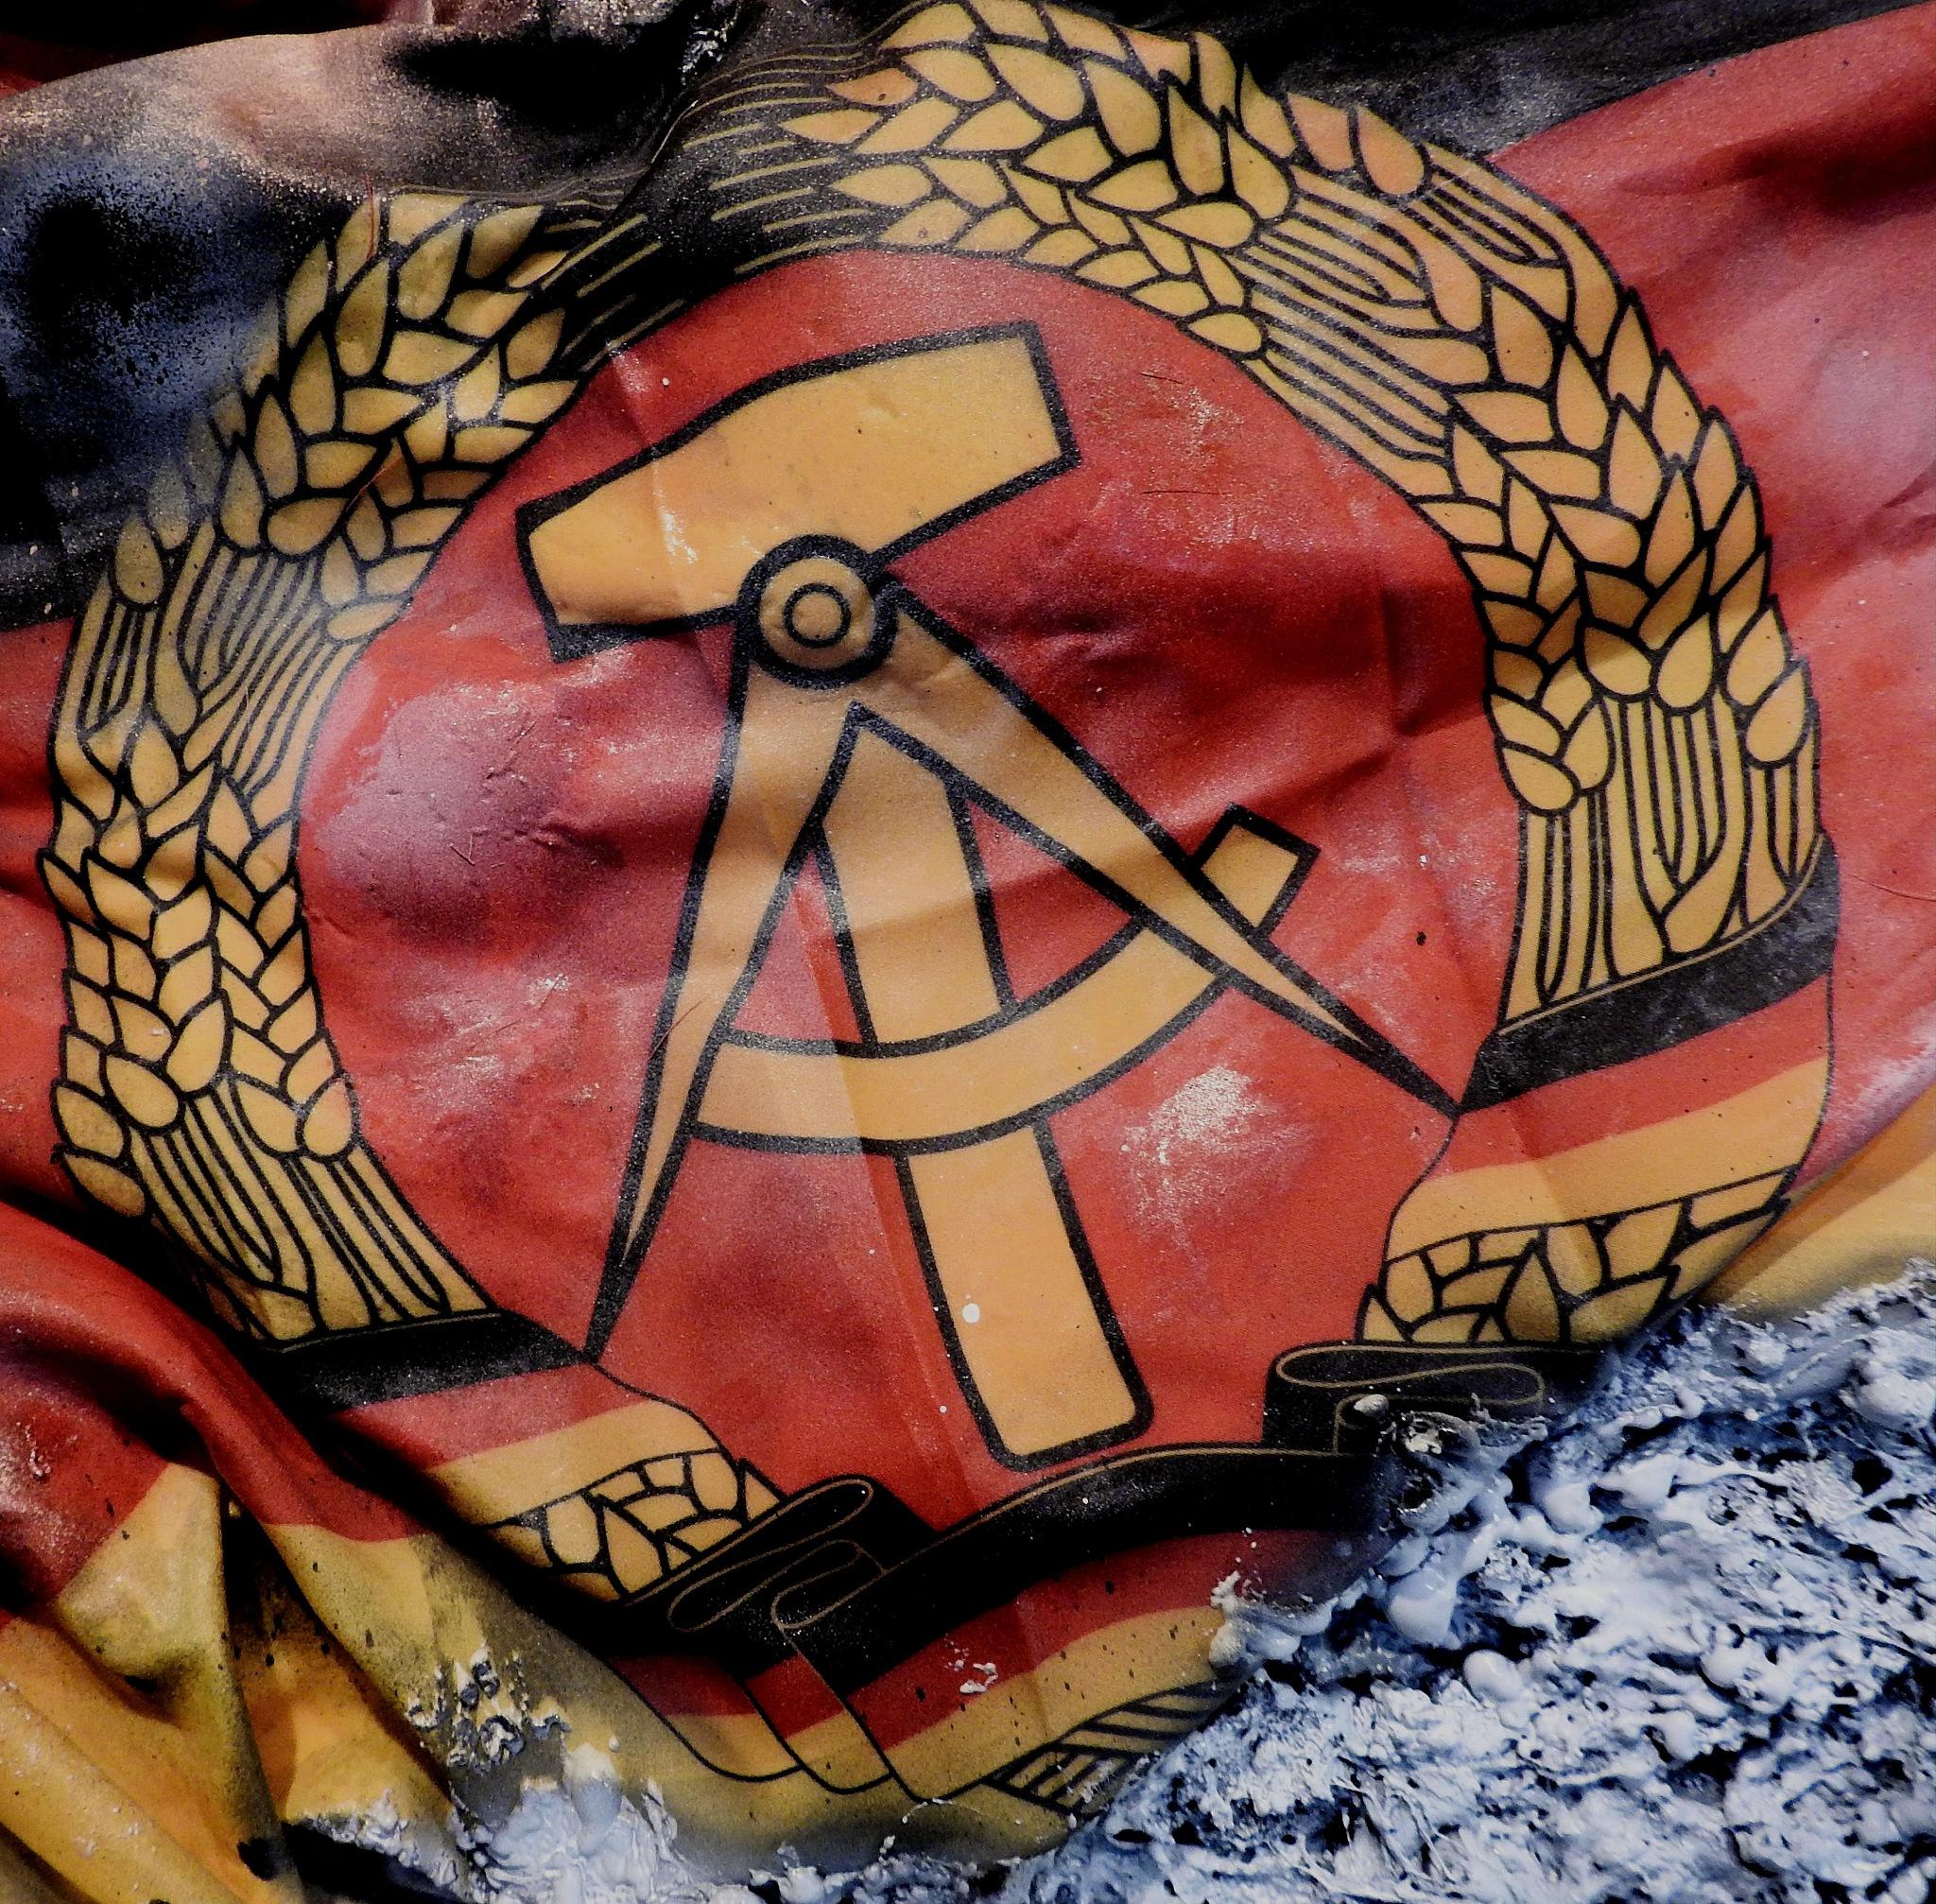 P.A.N. Napoli - Broken Flag - Maurizio Romeo - Once Upon A Time - U.R.S.S. & D.D.R. Germany - 1 by Arnaldo De Lisio